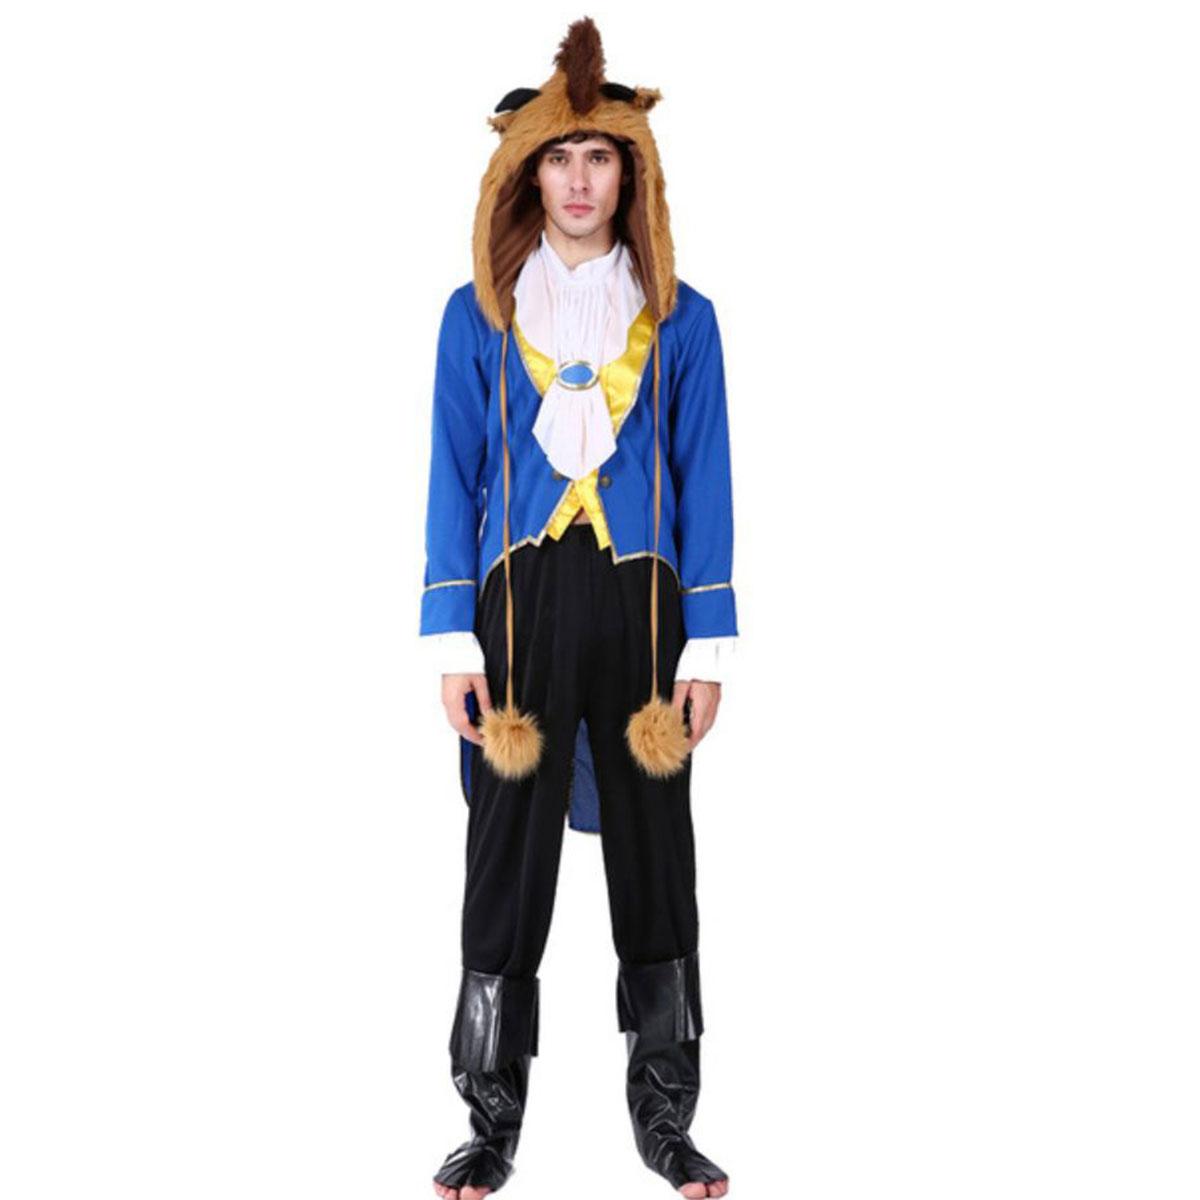 美女と野獣 野獣 コスプレ 王子 コスチューム ハロウィン 仮装 衣装